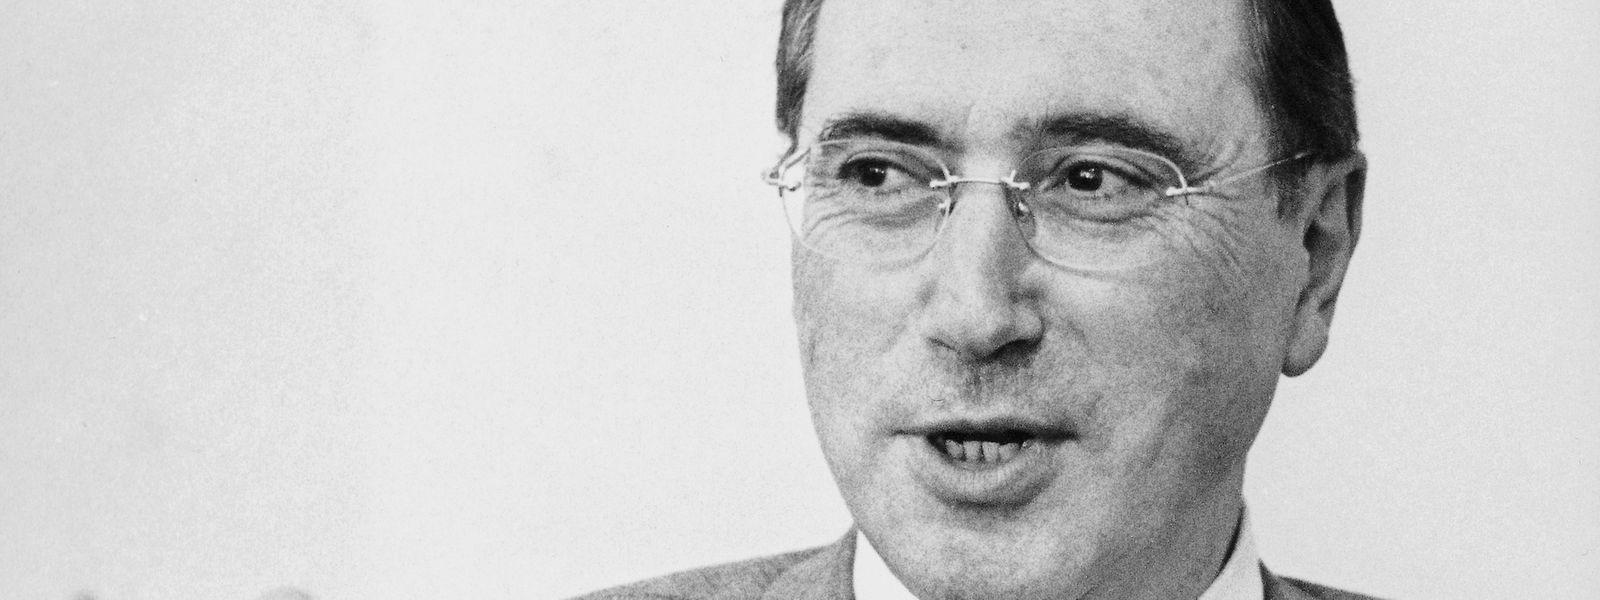 Mit Jean-Pierre Kraemer verliert Luxemburg zweifellos jemanden, der seiner großen Leidenschaft - der Kultur mit ihren vielen Zweigen - stets gerecht geworden ist.